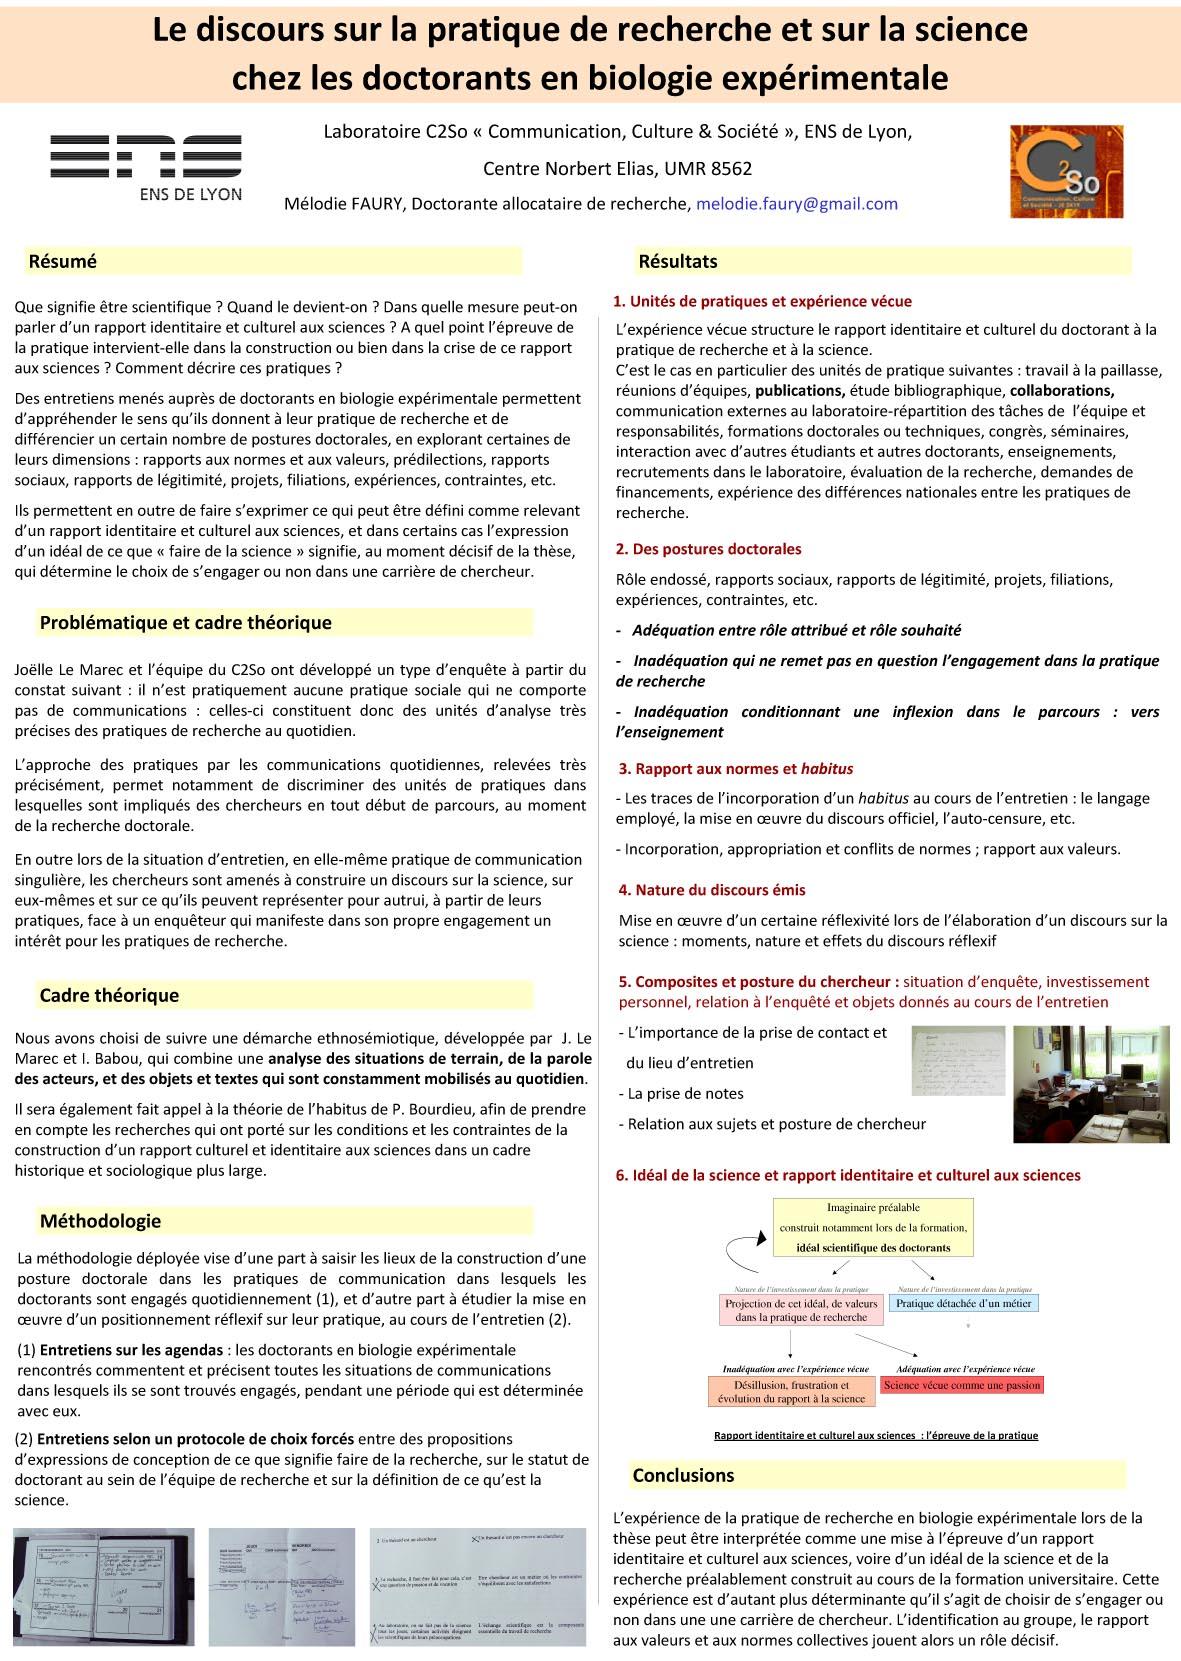 pierre bourdieu le sens pratique pdf